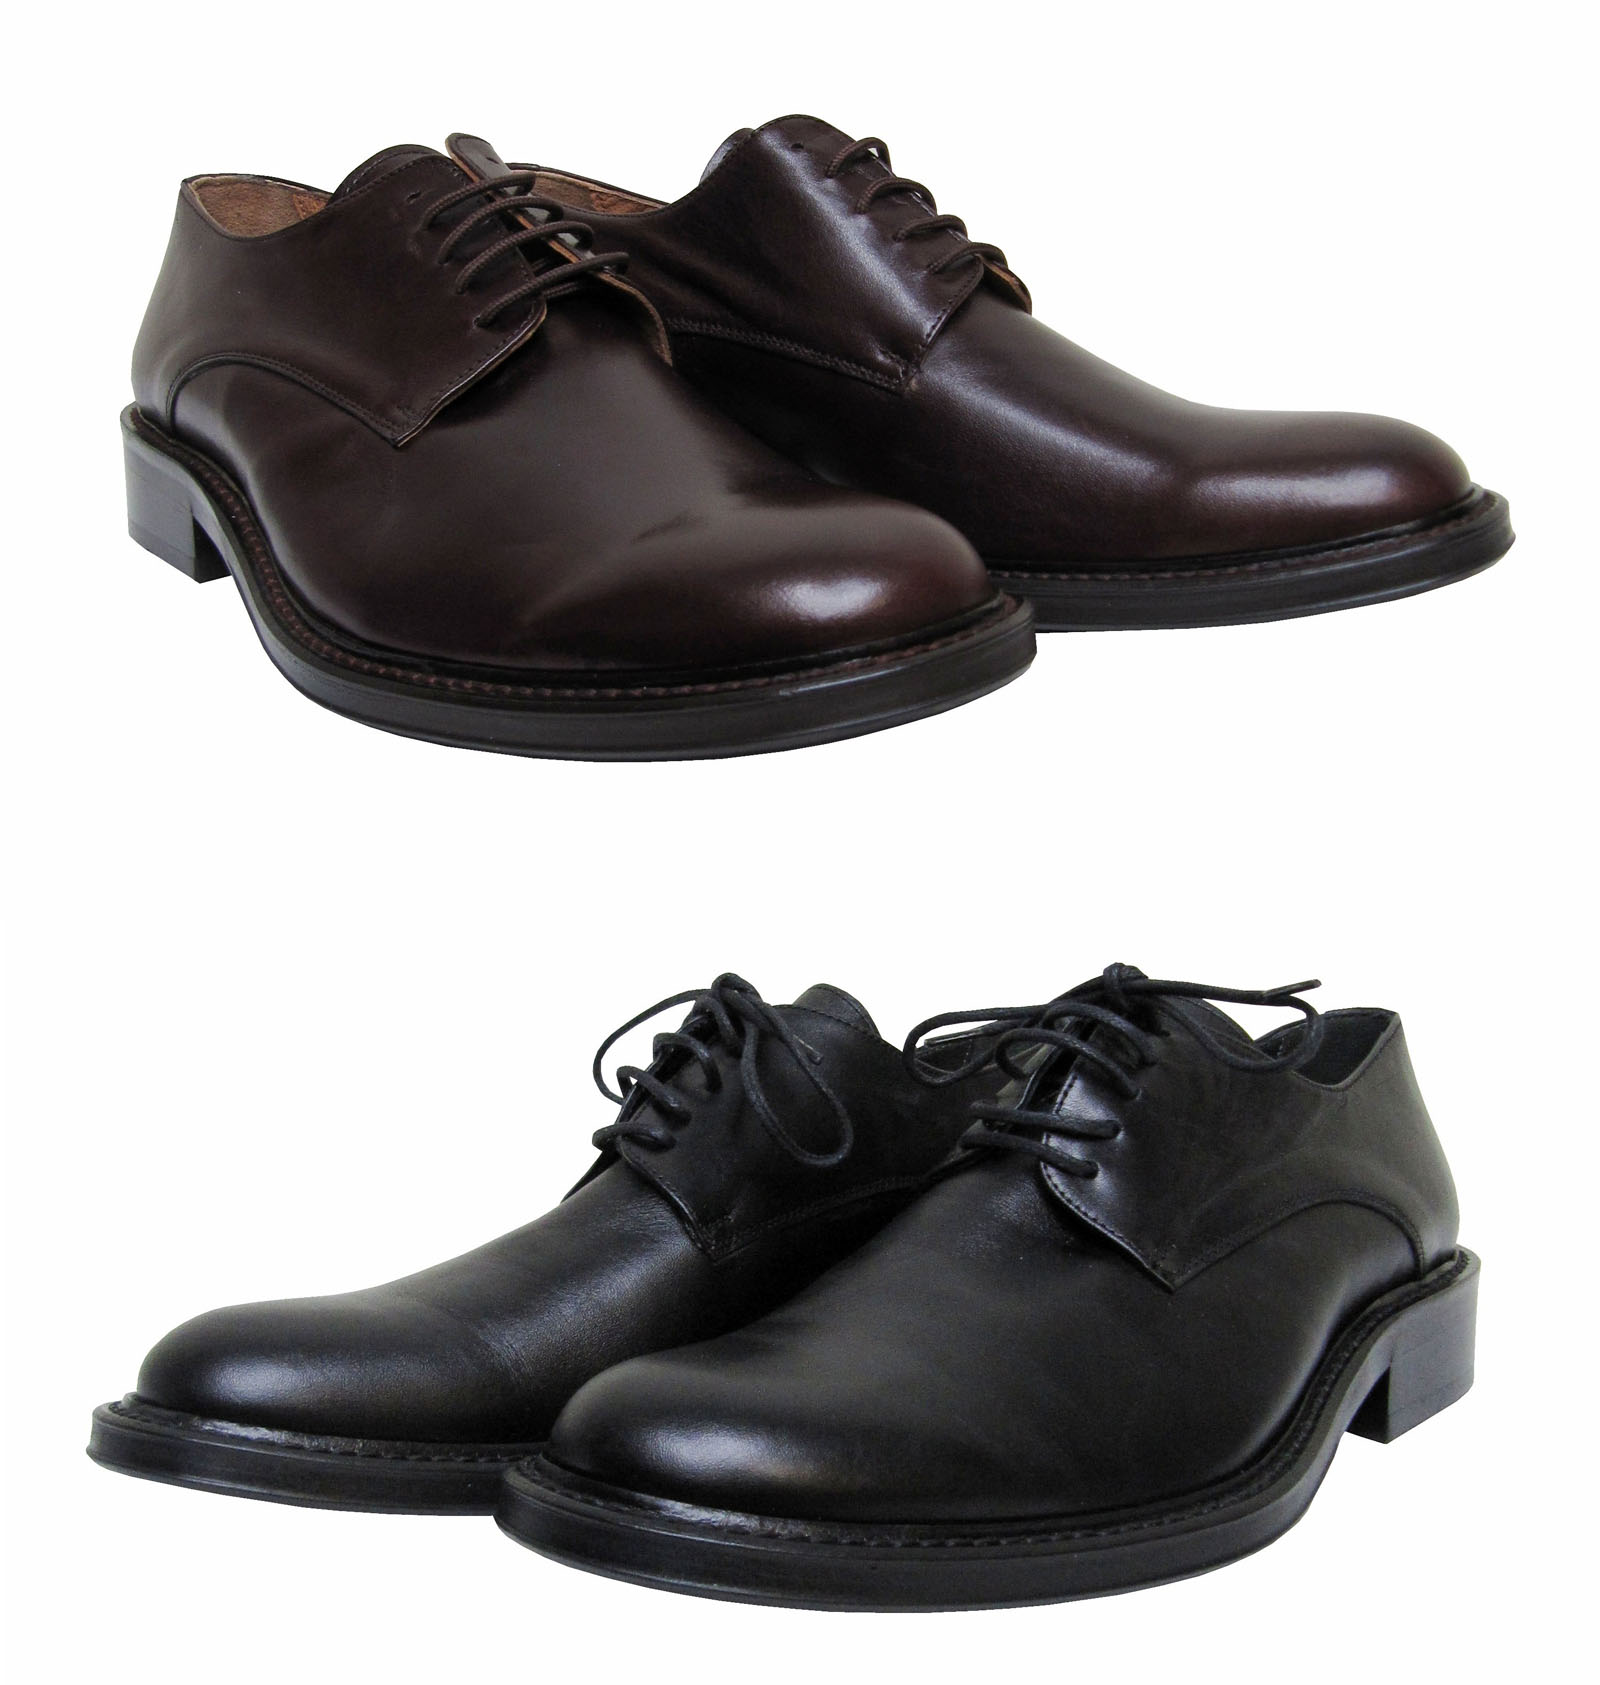 MUGA 4229-SW - Zapatos de cordones de Piel para hombre Negro negro, color Negro, talla 44